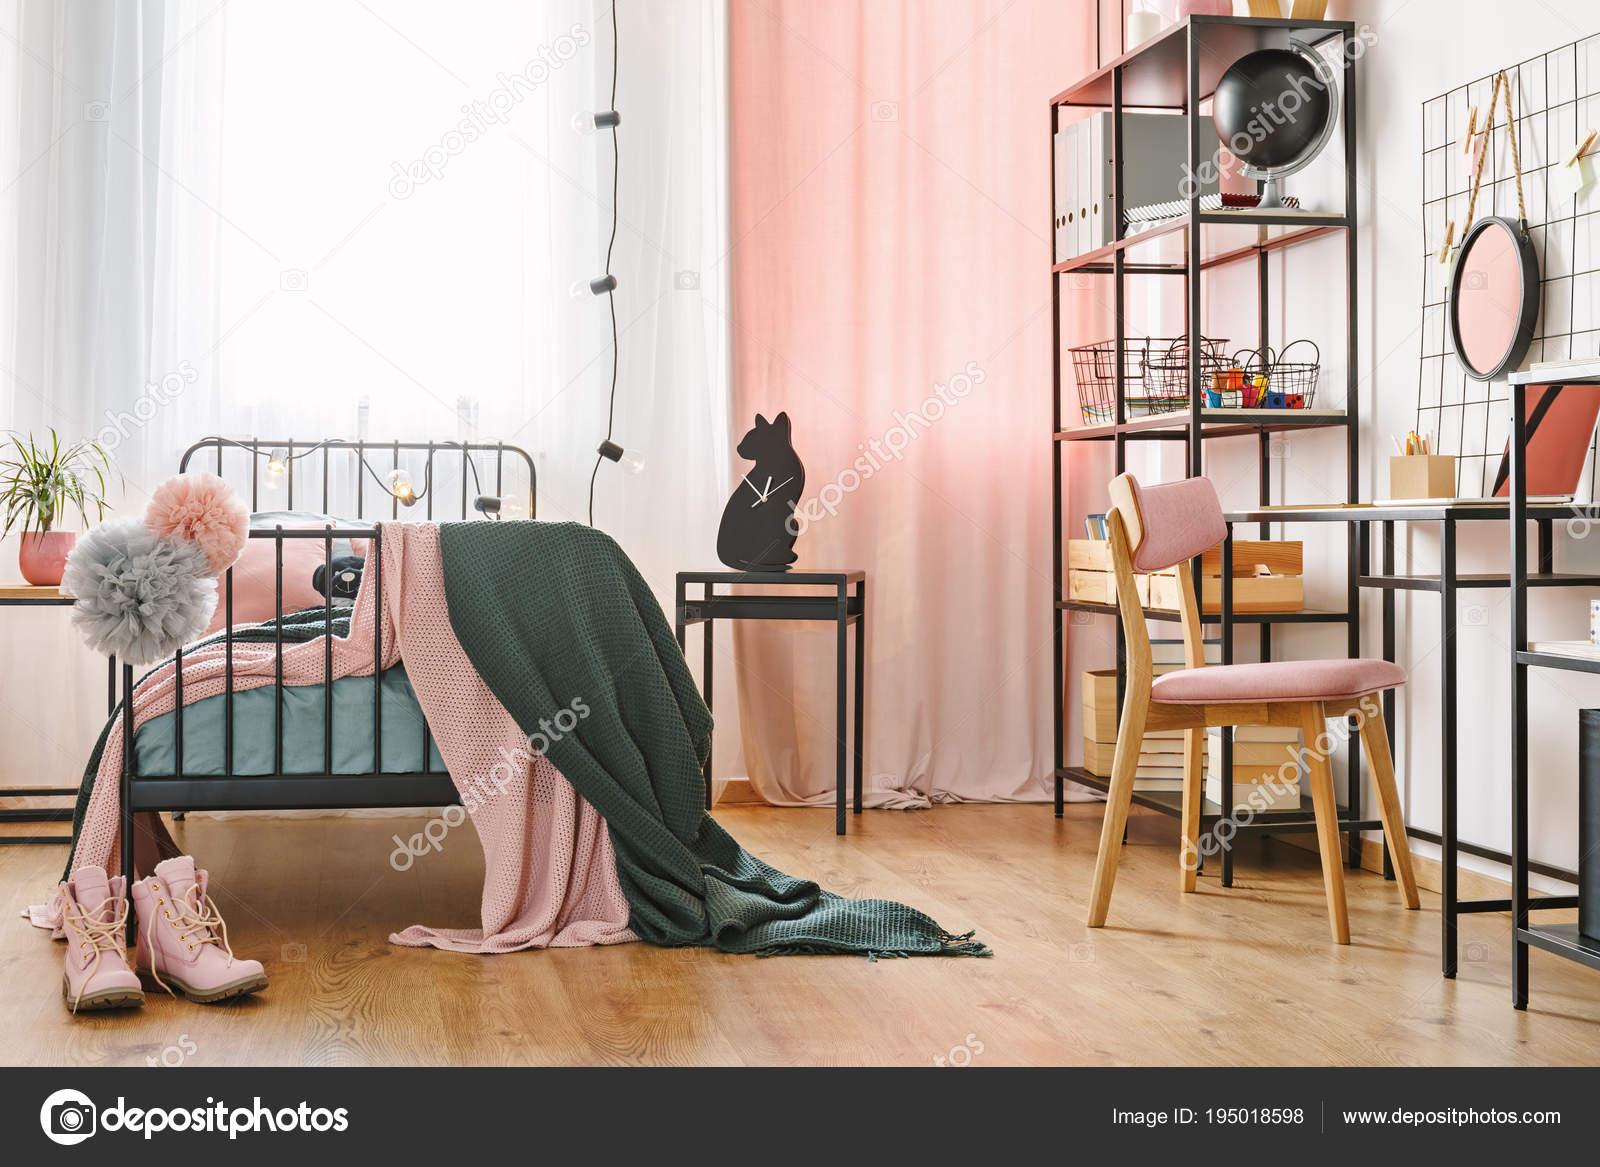 Industrielle Schwarze Mobel Im Schlafzimmer Stockfoto